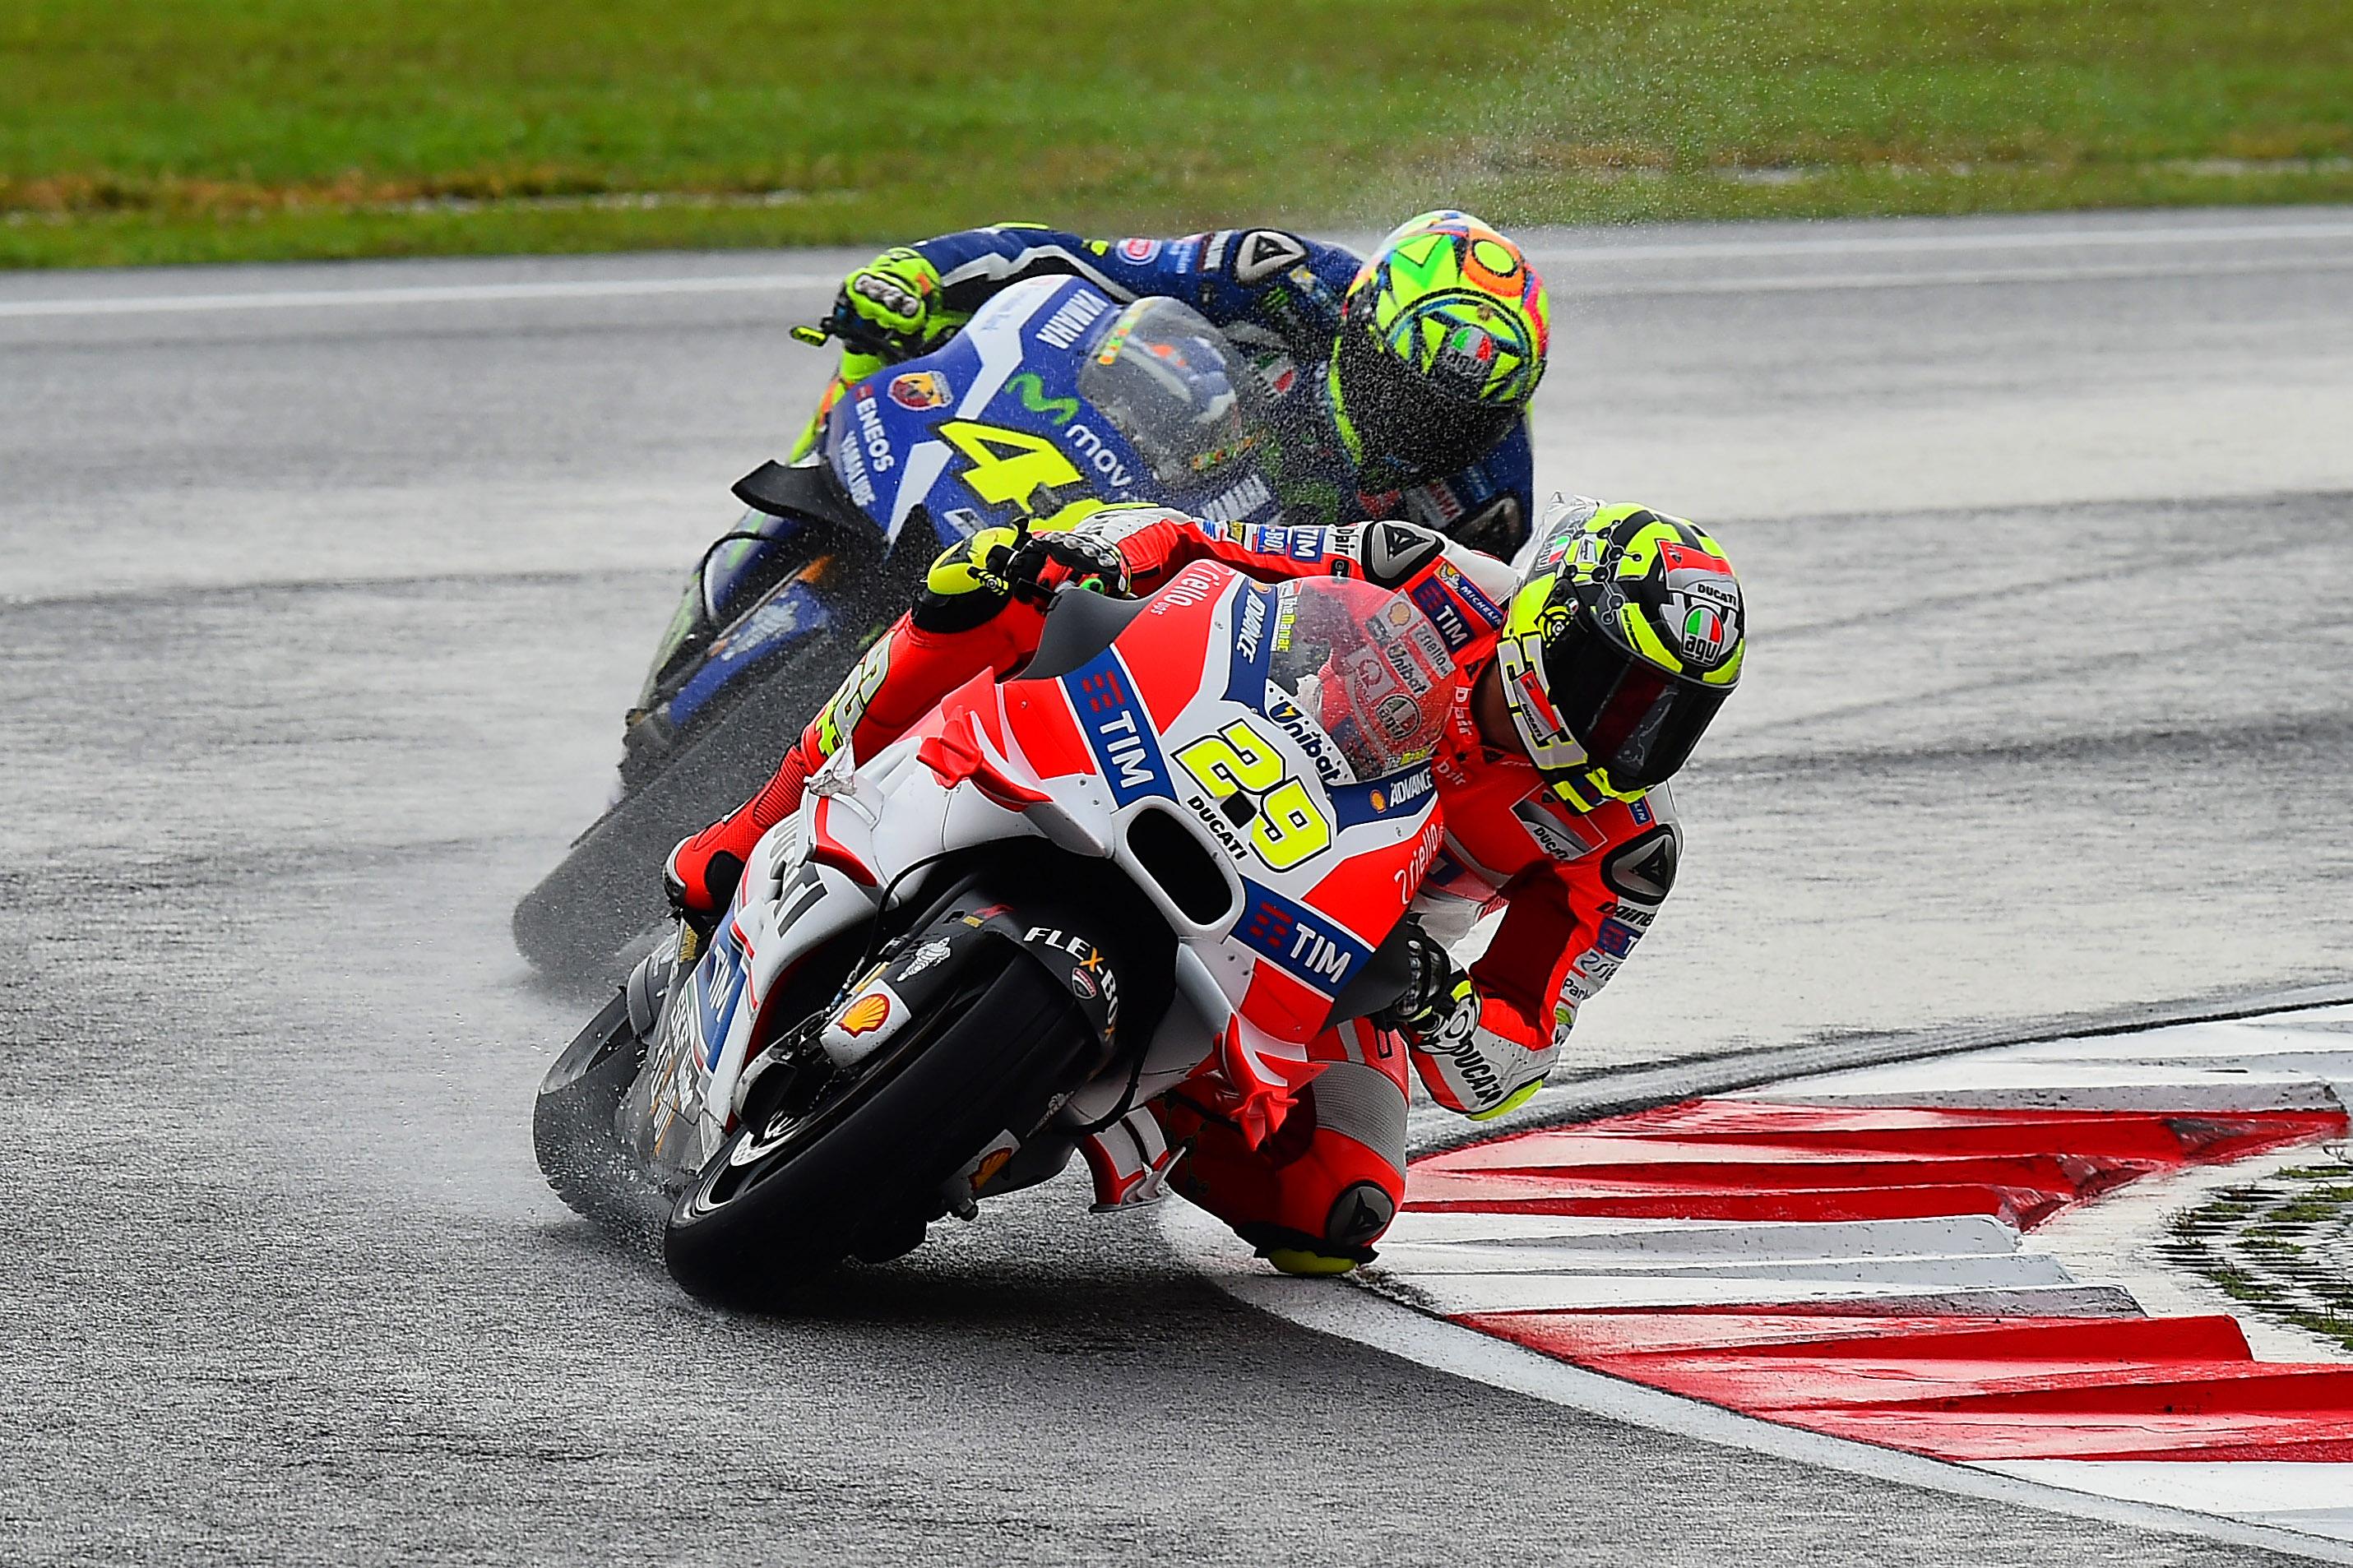 IANNONE Andrea (ITA) Ducati Racing Team Ducati MotoGP